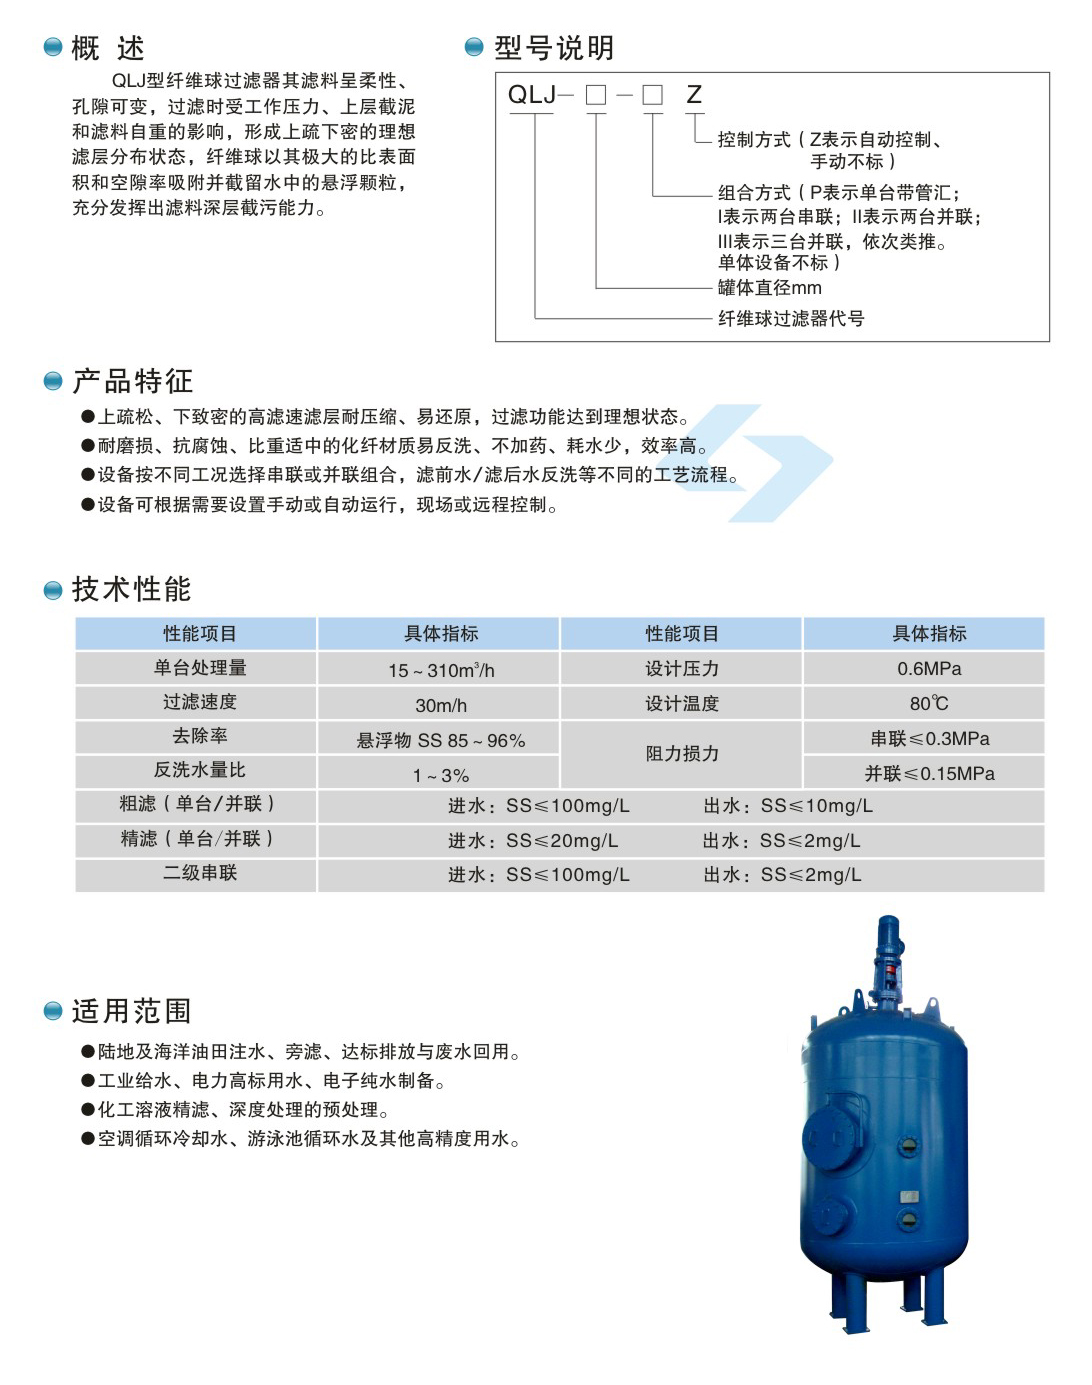 单台QLJ型系列纤维球过滤器技术参数表(图1)